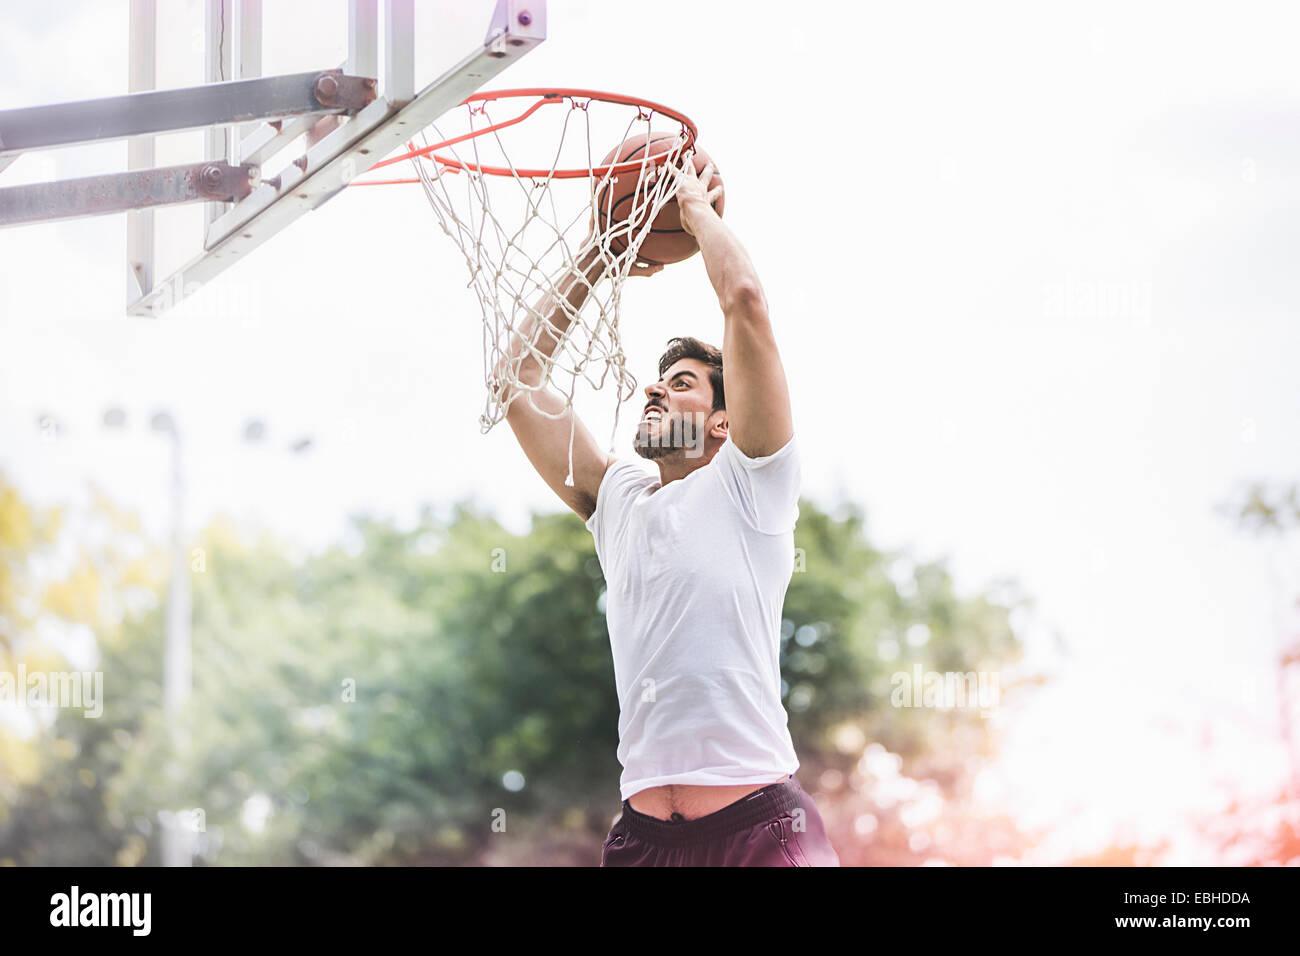 Junge männliche Basketball-Spieler mit Ball springen zu Punkten Stockbild